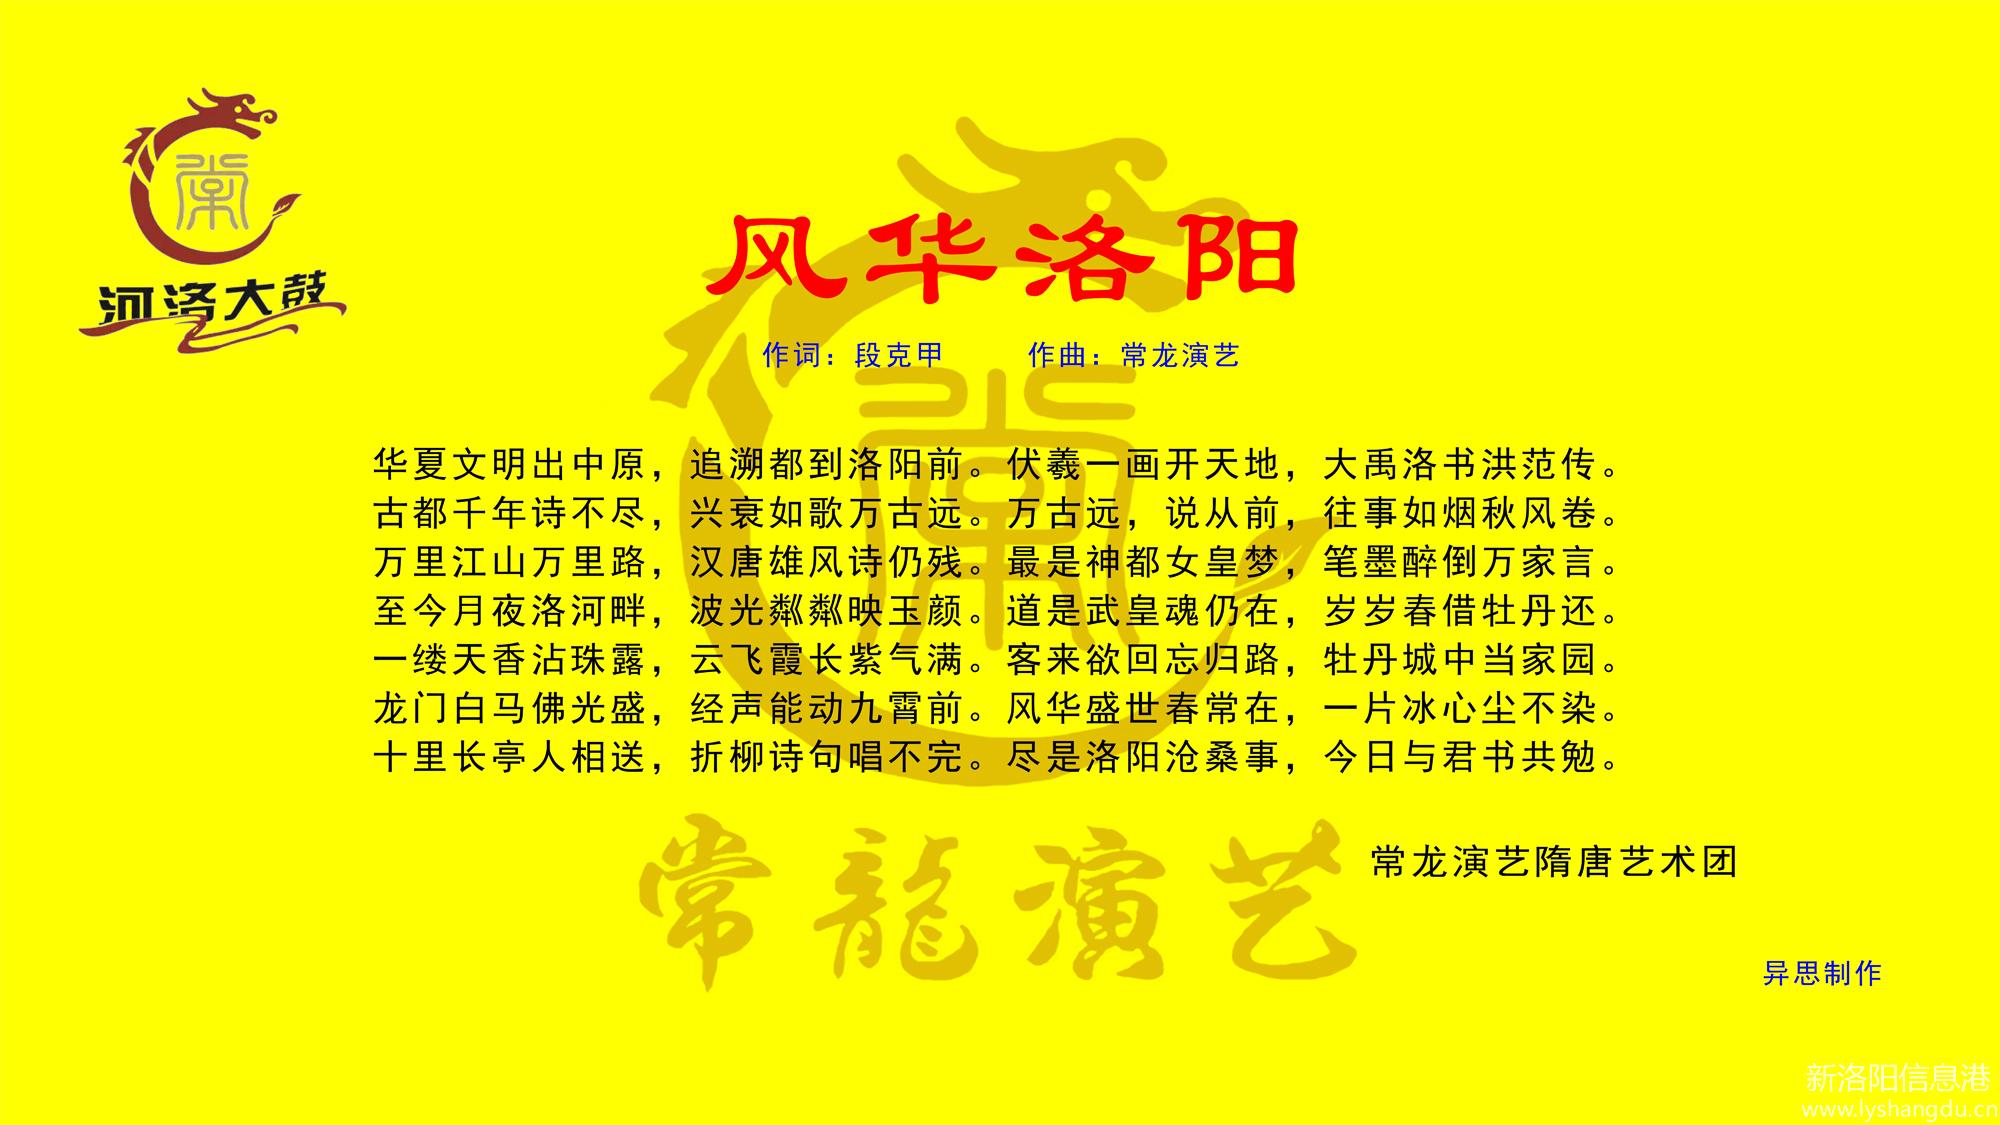 8月31日上午9点上阳宫文化公园有文艺演出